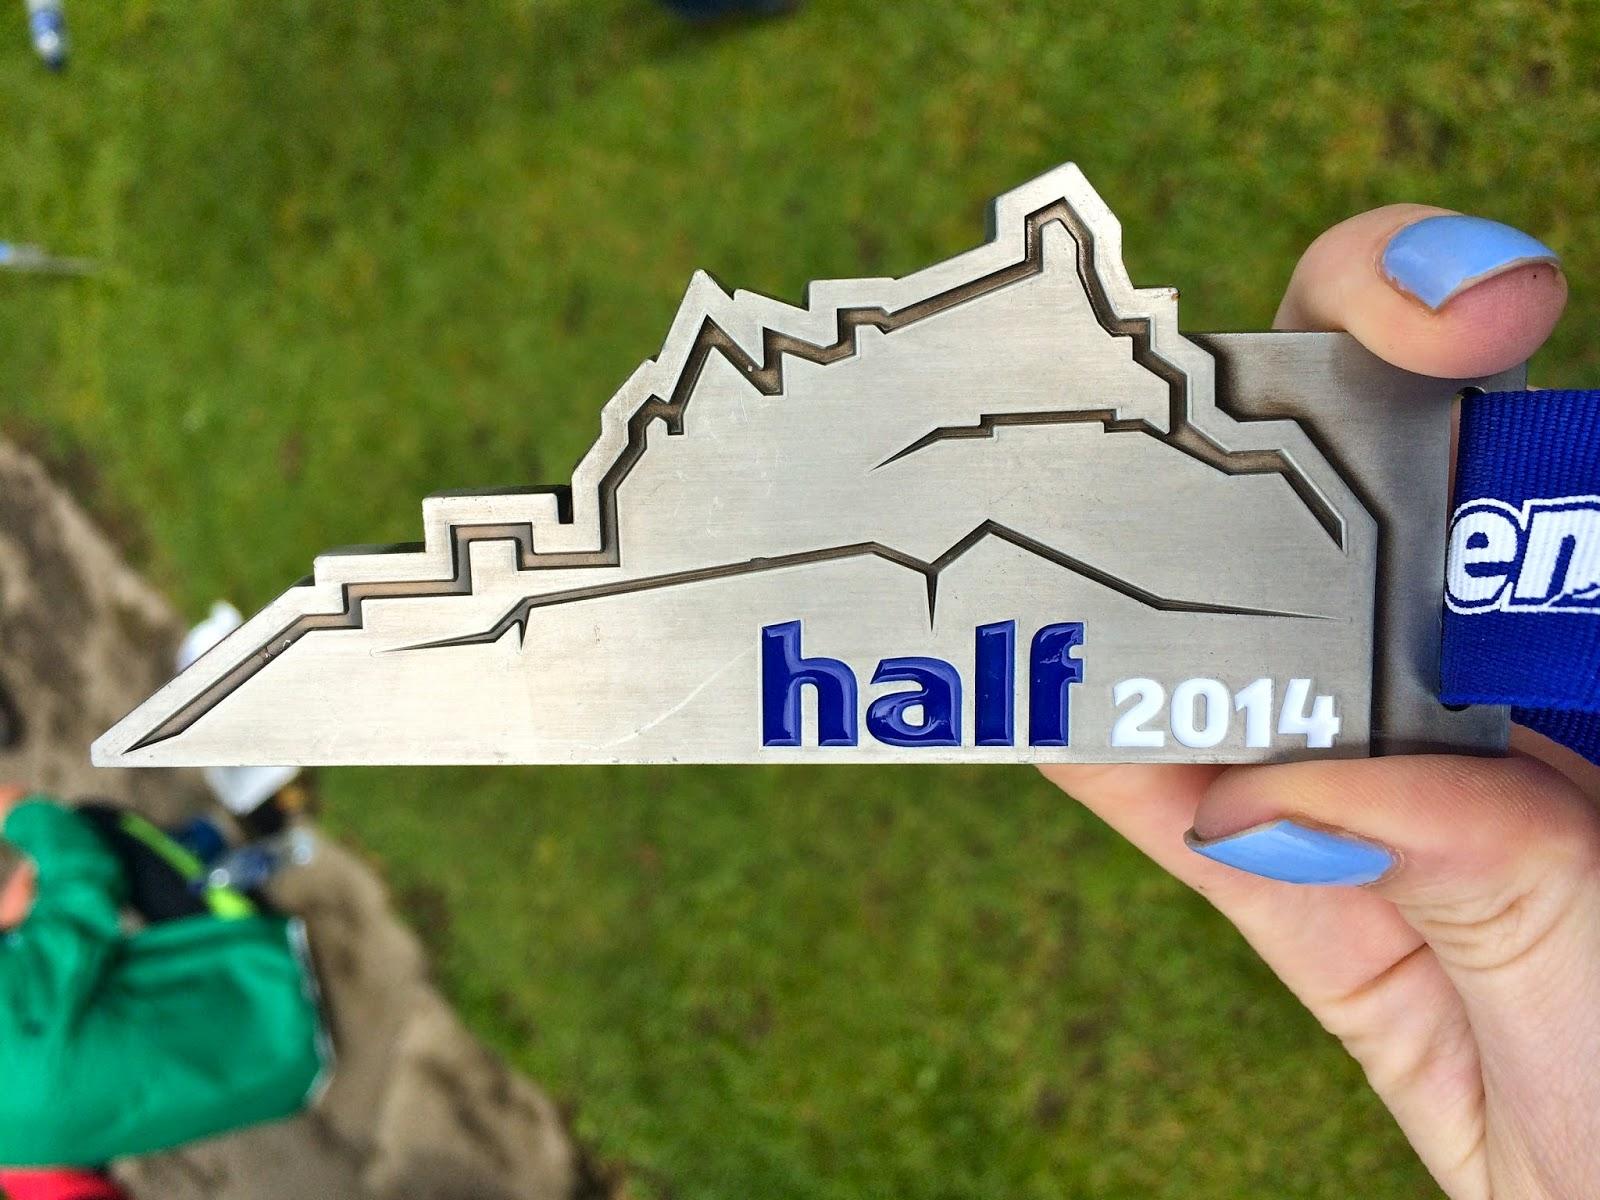 Edinburgh half marathon medal 2014